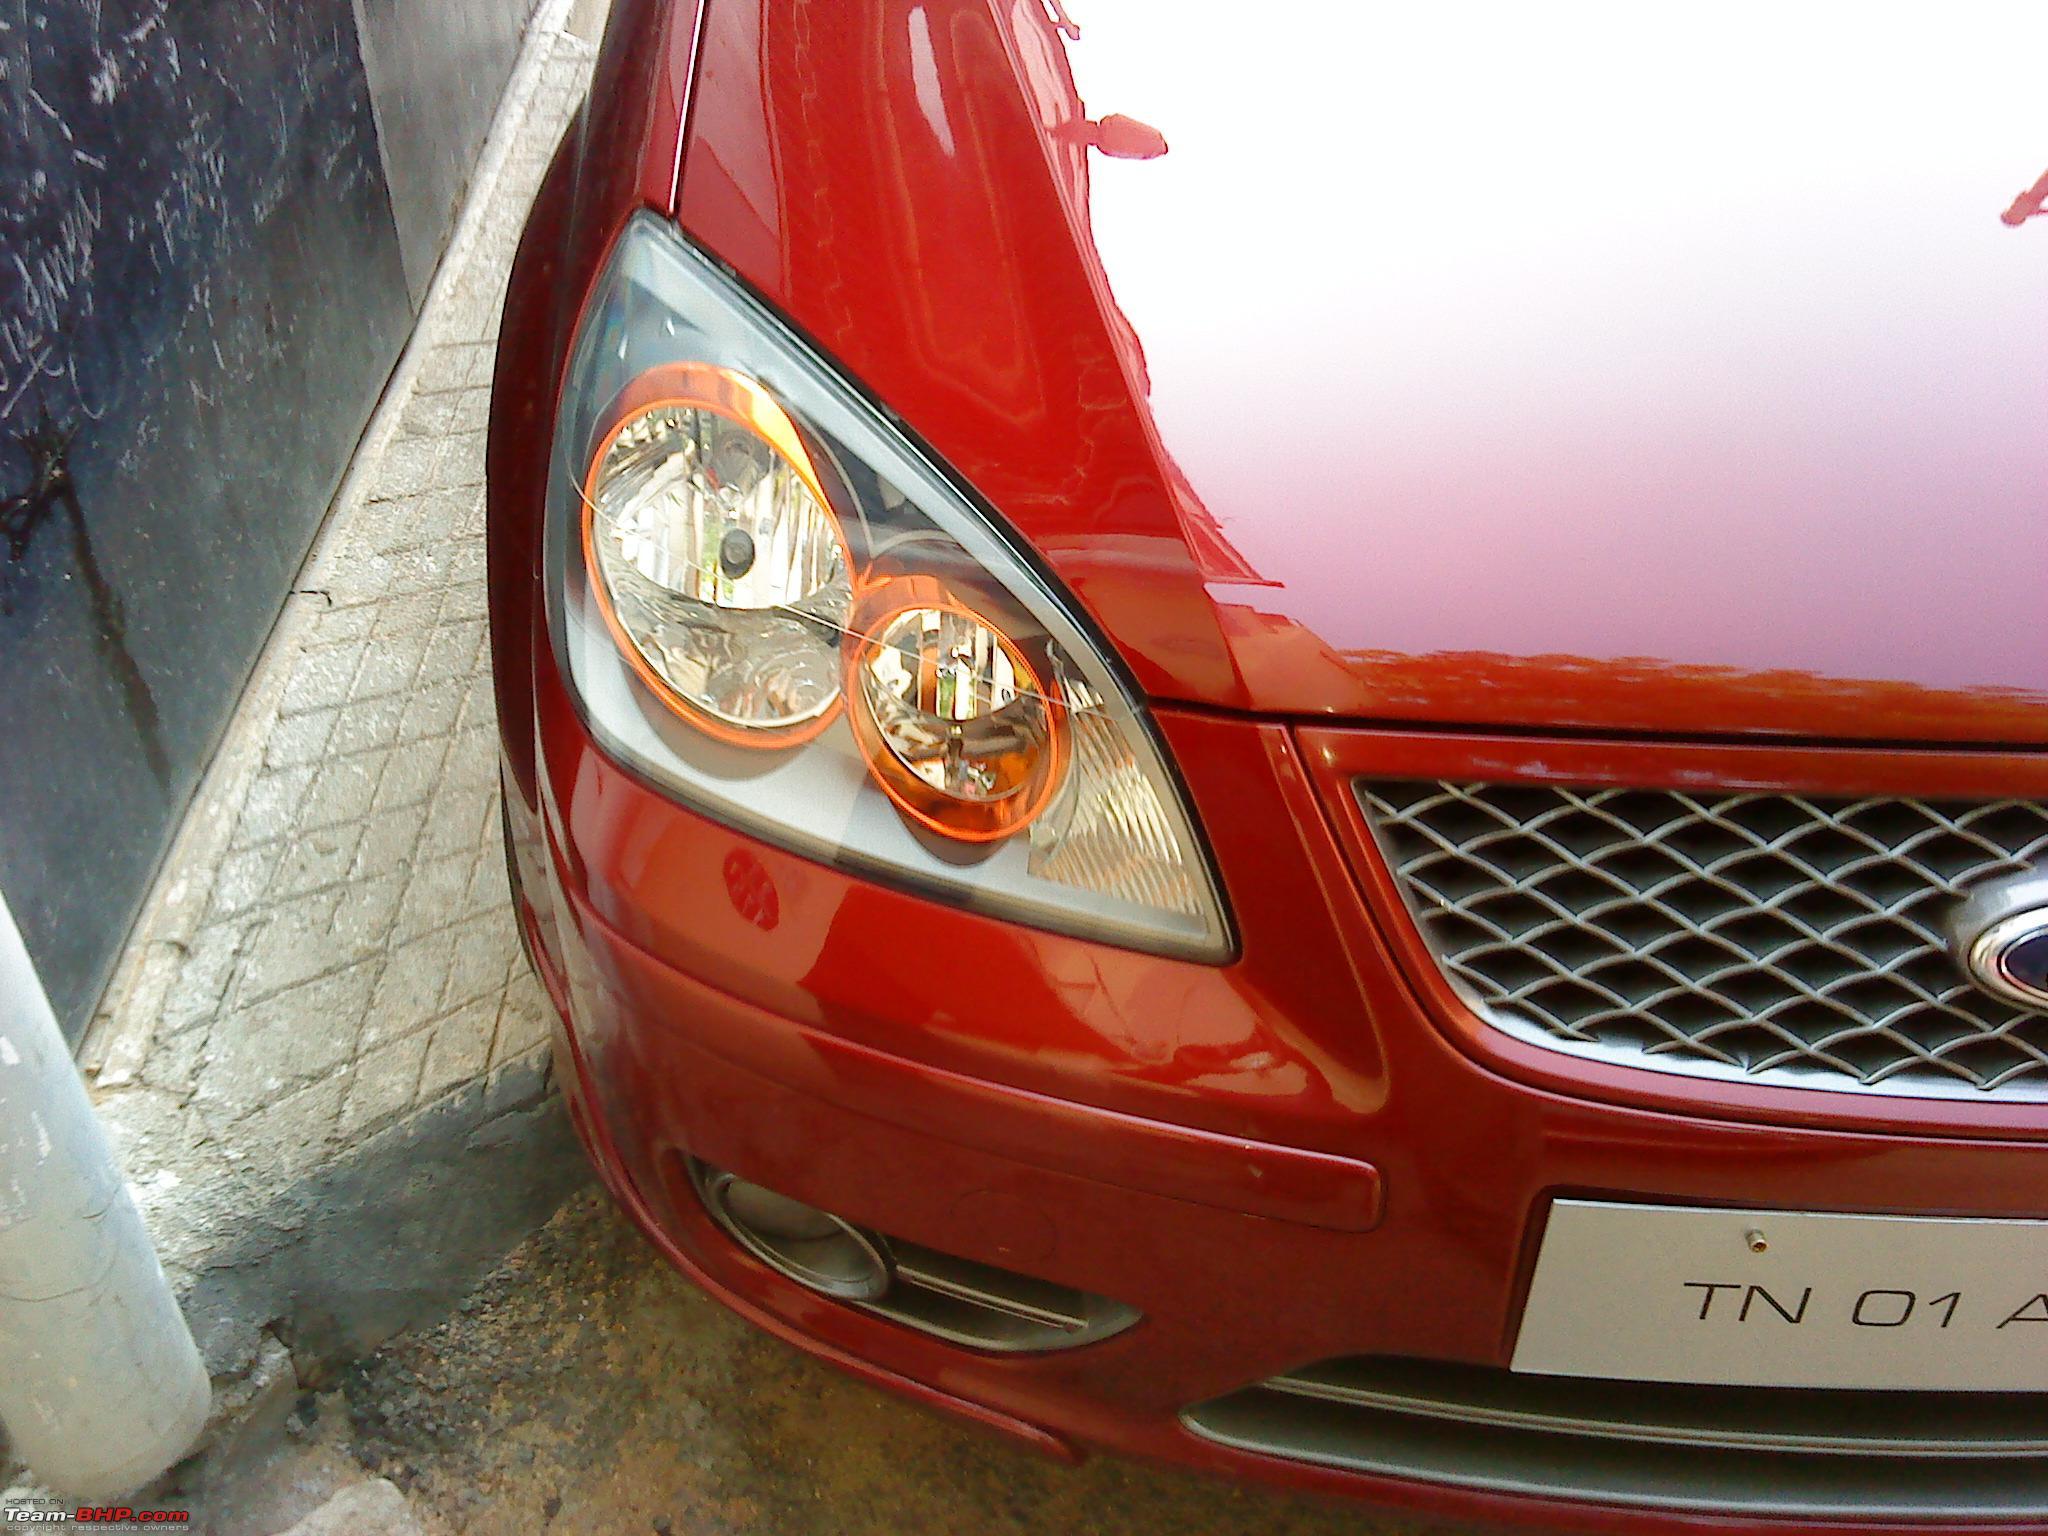 Ford fiesta 1 6 ideas for mods dsc00049 jpg